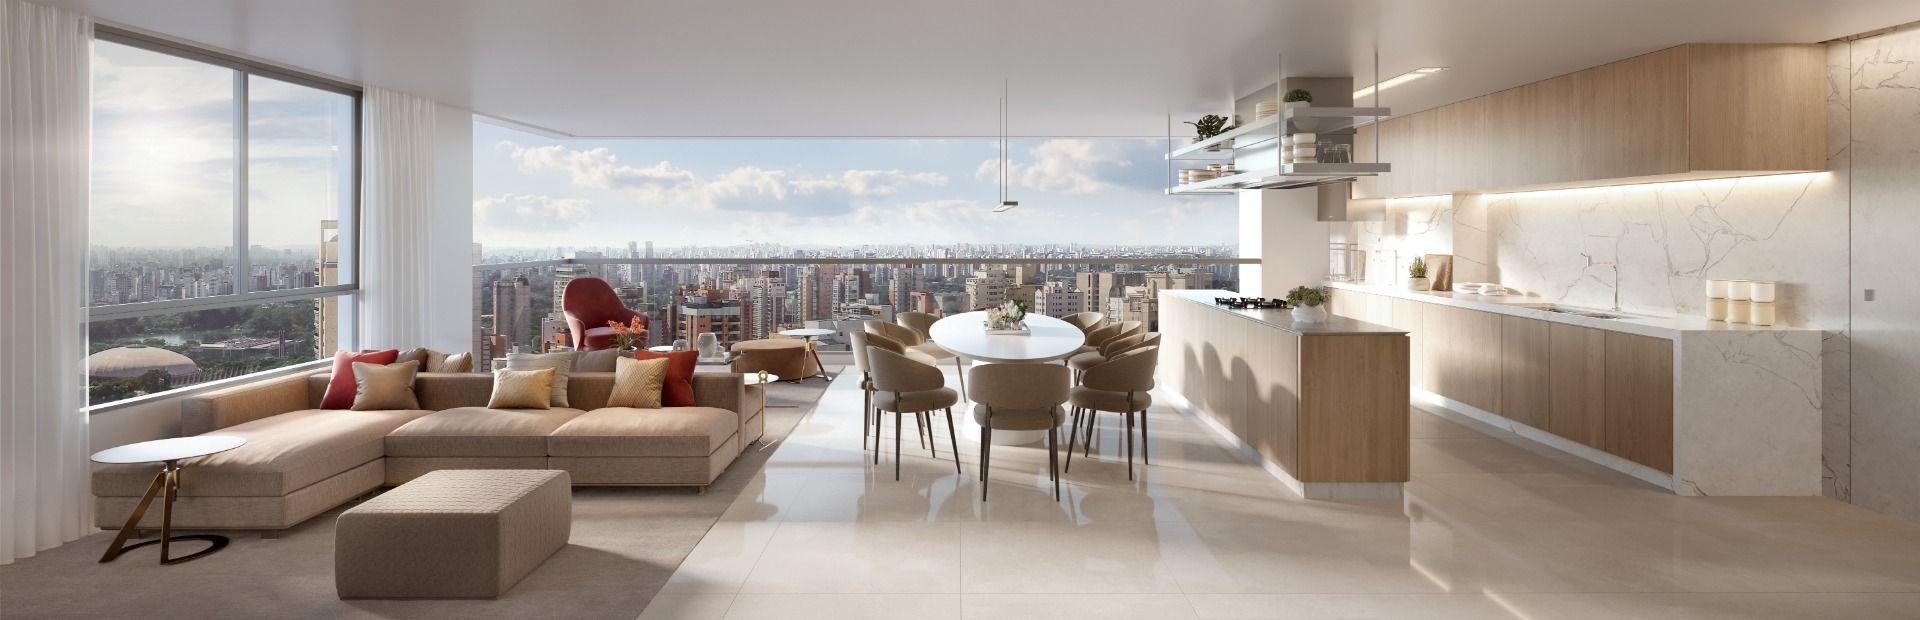 LIVING E COZINHA do apto de 156 m² do Athos Paraíso